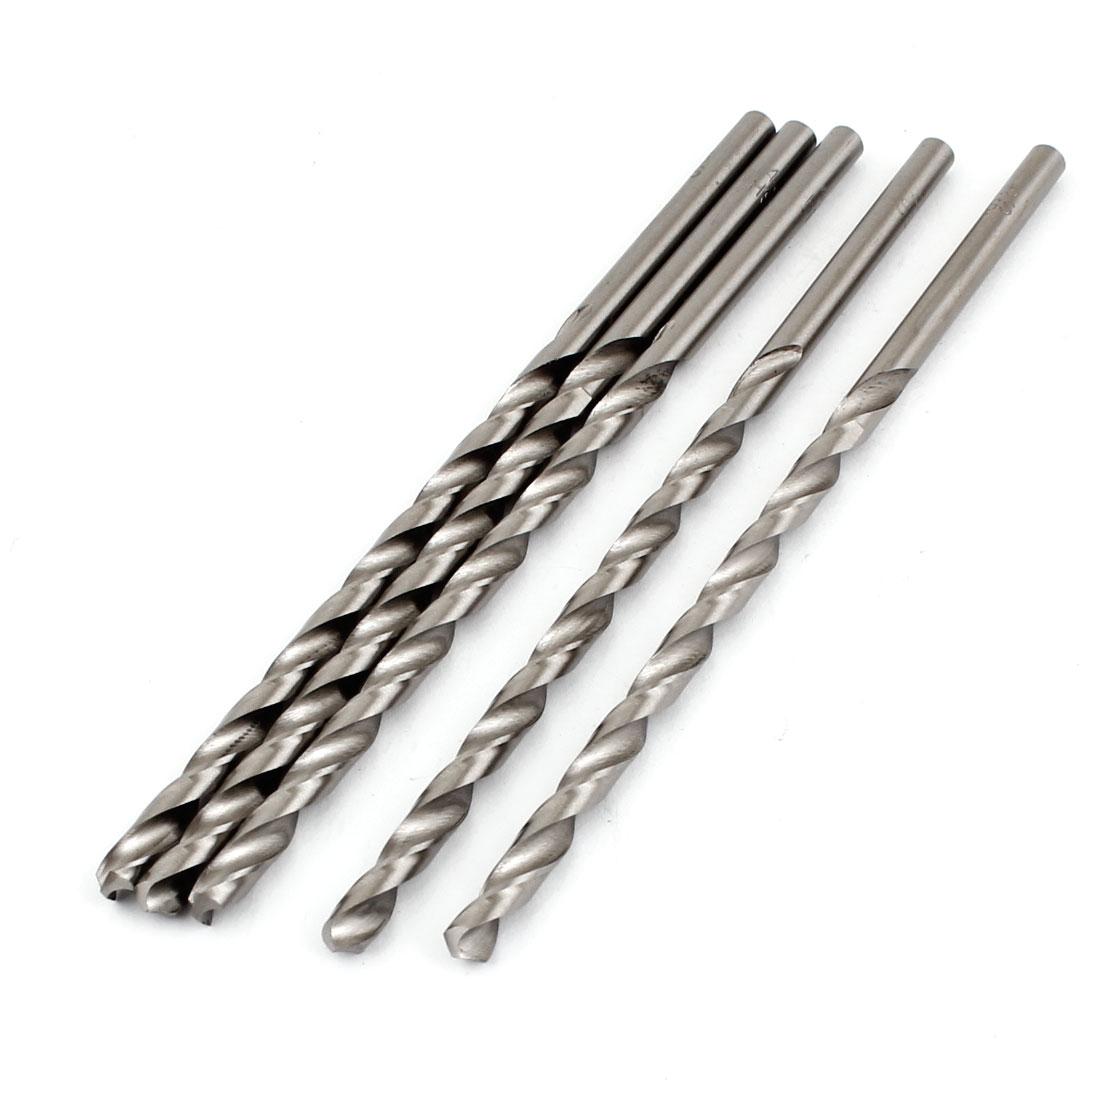 5 x Split Point Straight Shank Fully Ground Spiral Twist Drill Bits 4.5mmx126mm